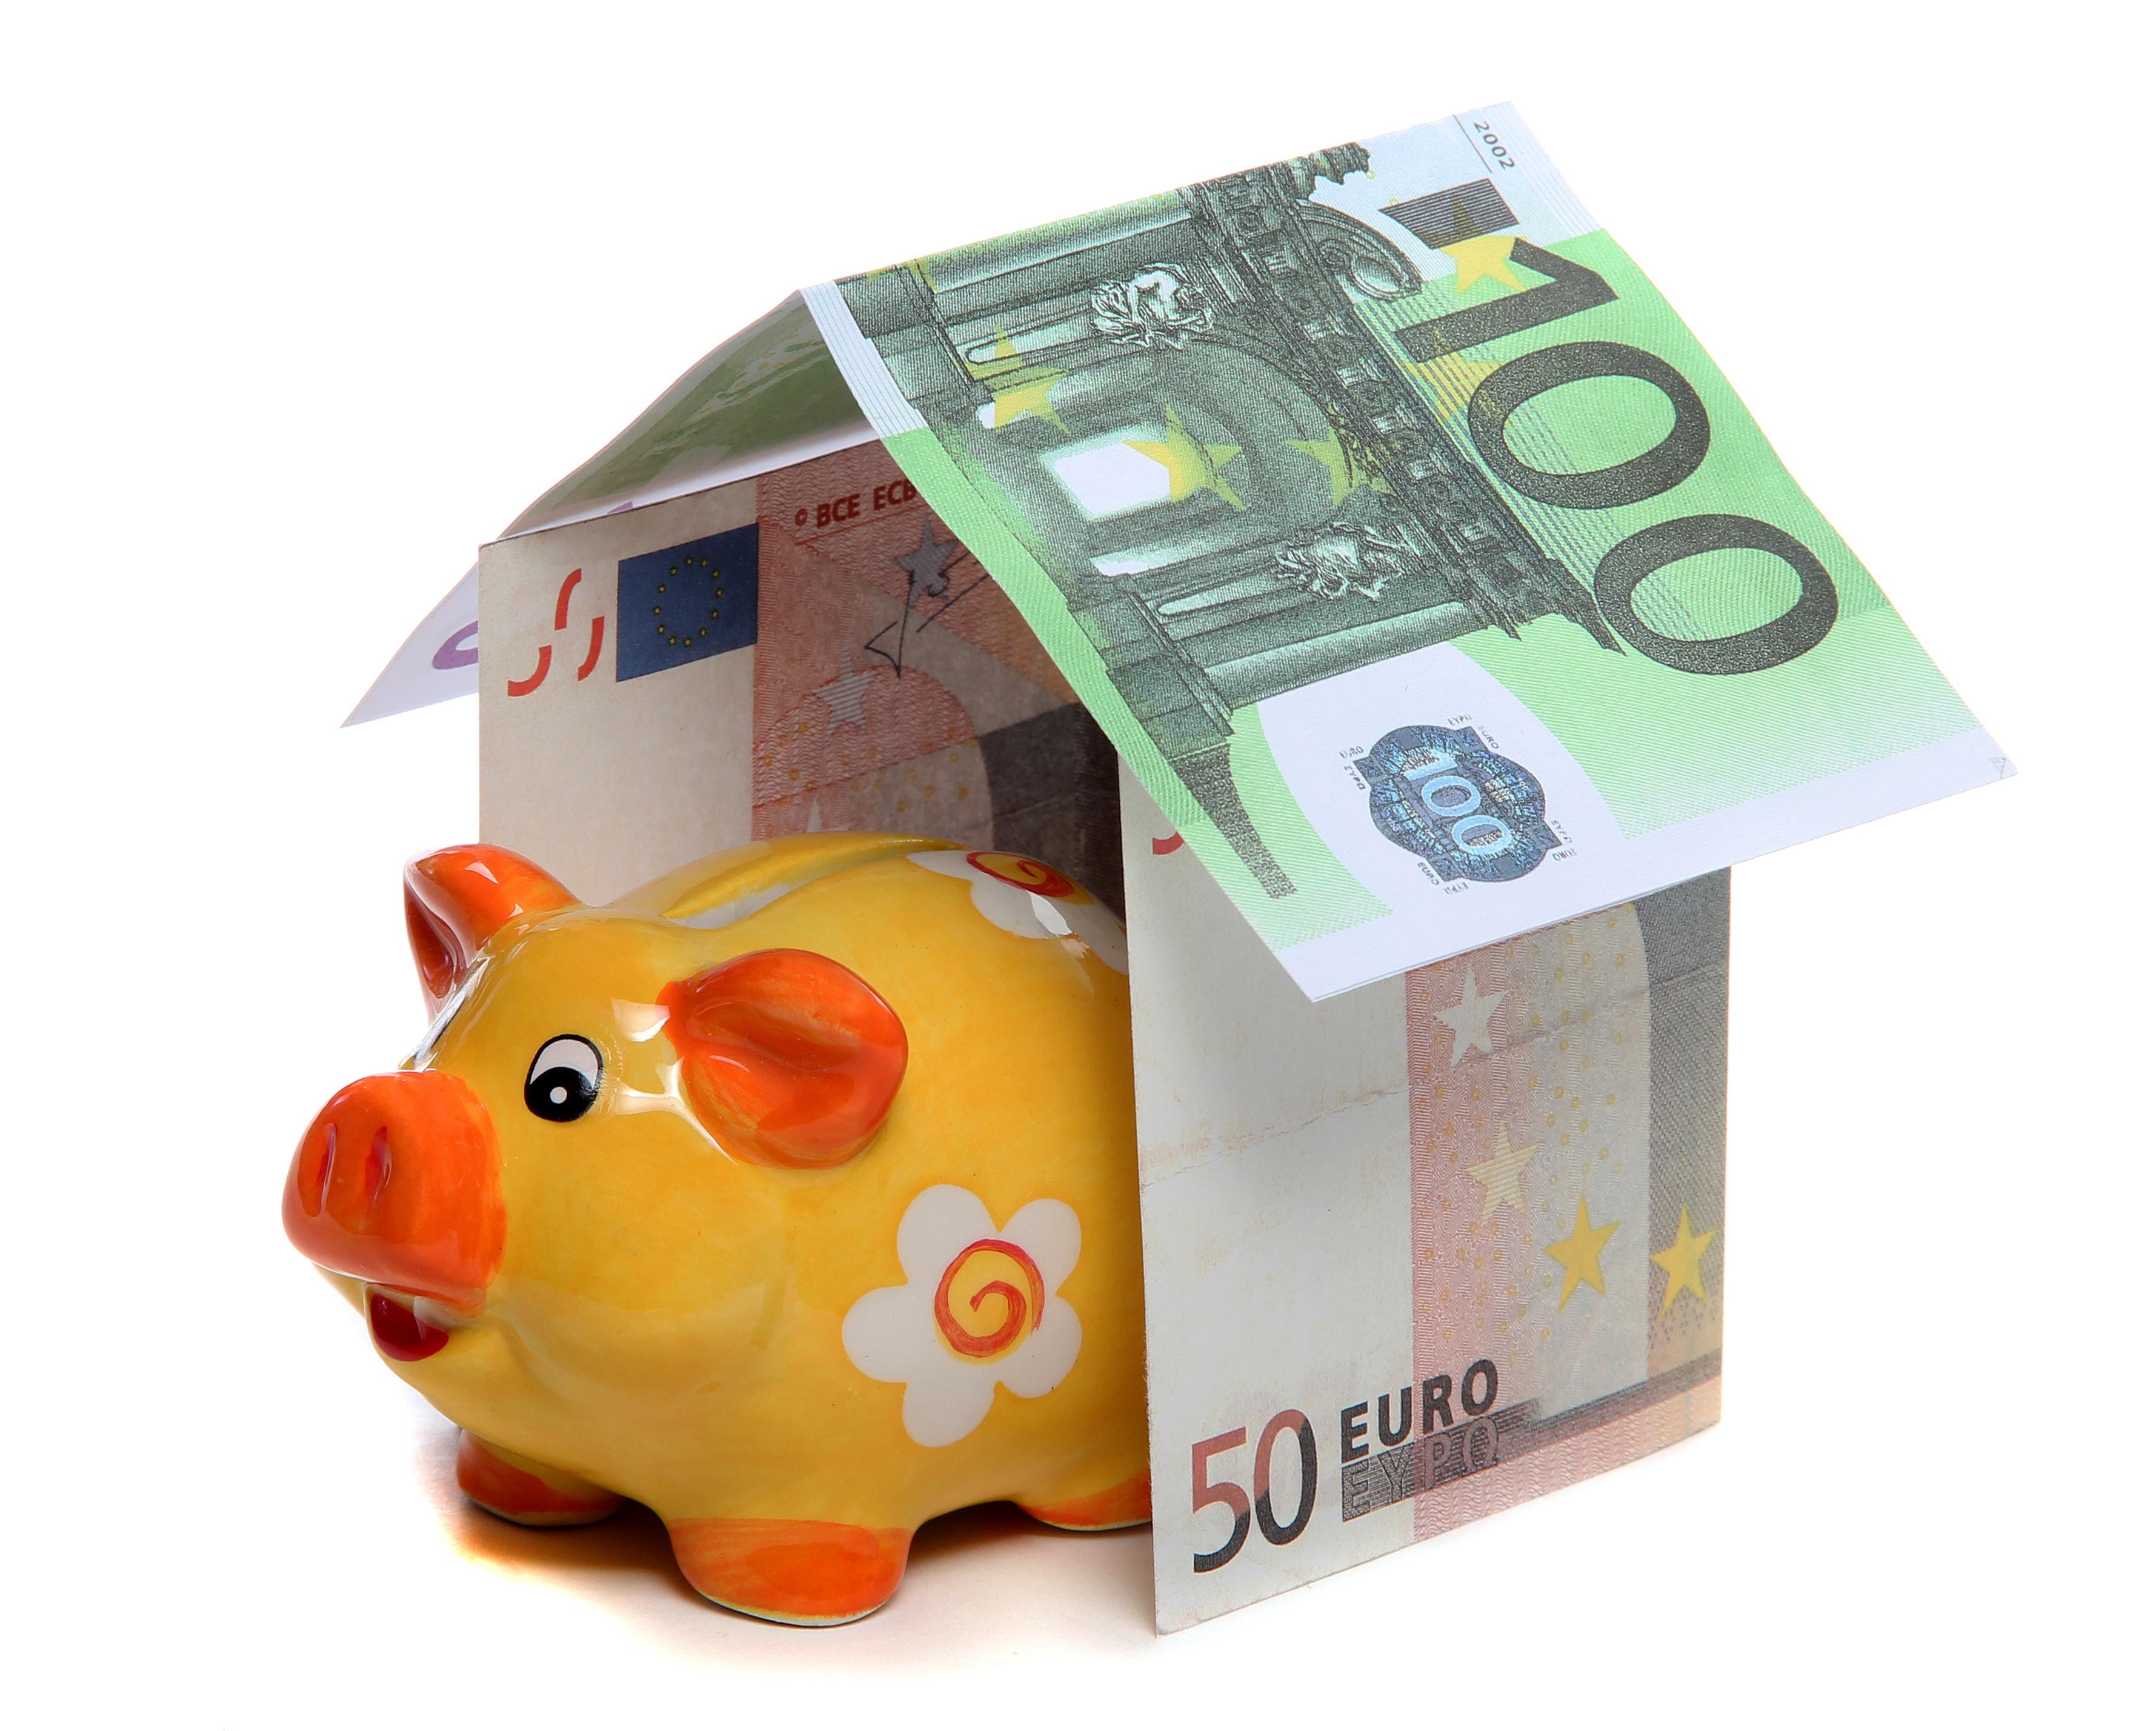 Spese notarili detraibili aste immobiliari with spese - Parcella notaio per acquisto seconda casa ...